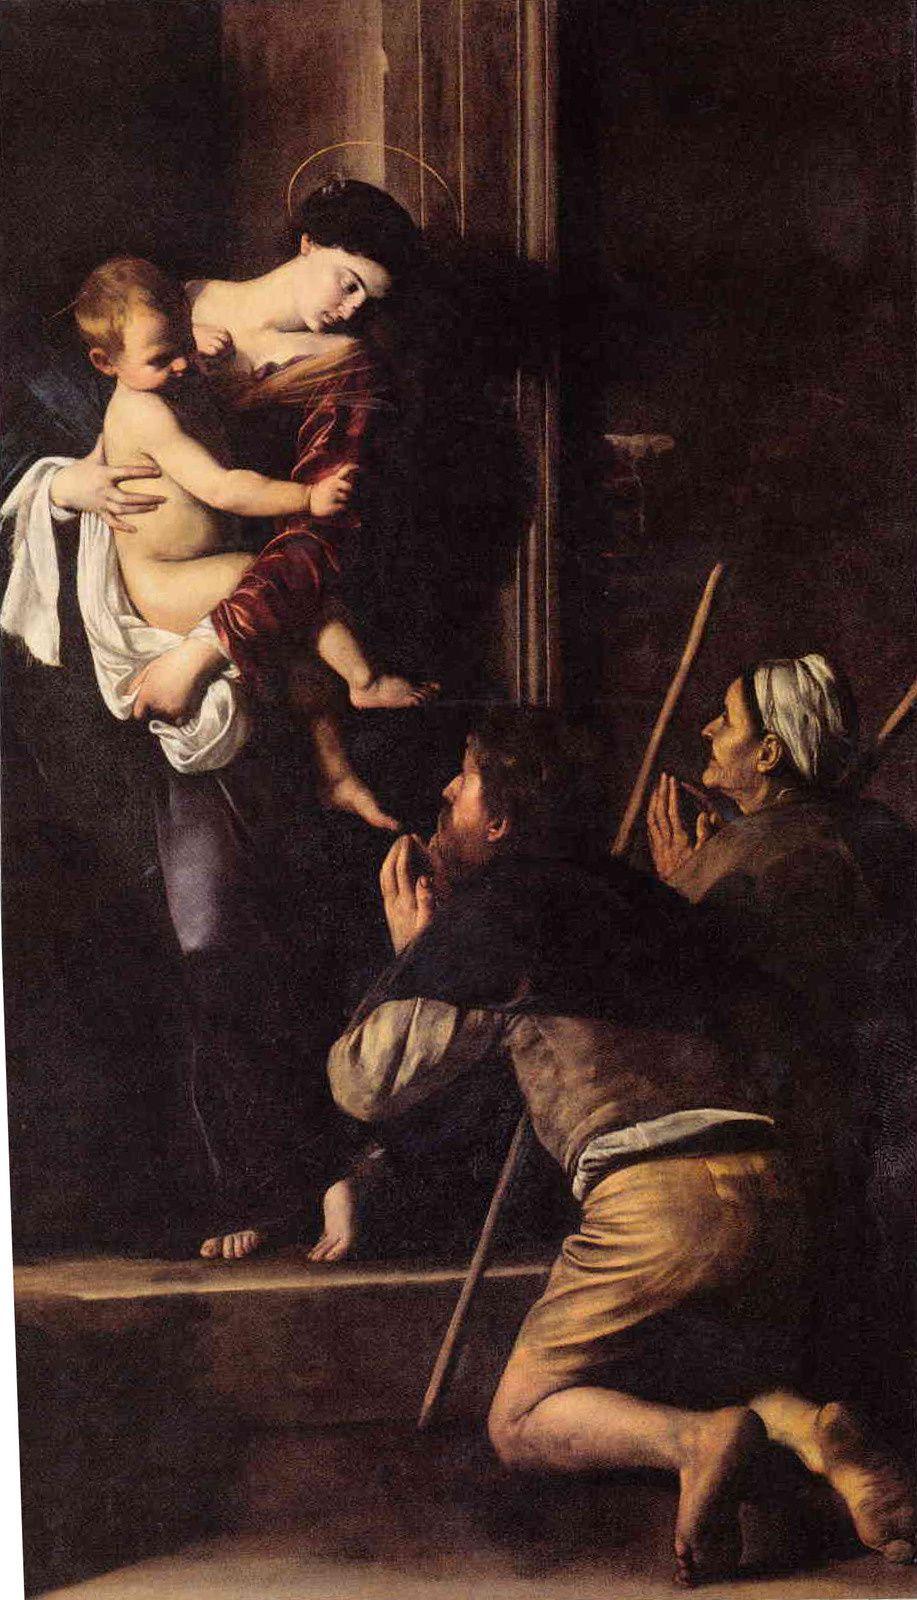 La Madone des pèlerins est un des tableaux les plus célèbres du Caravage et de la peinture Italienne. Pourtant, il a de quoi, dérouter. C'est une « Madone » bien atypique que cette jeune femme en robe rouge…